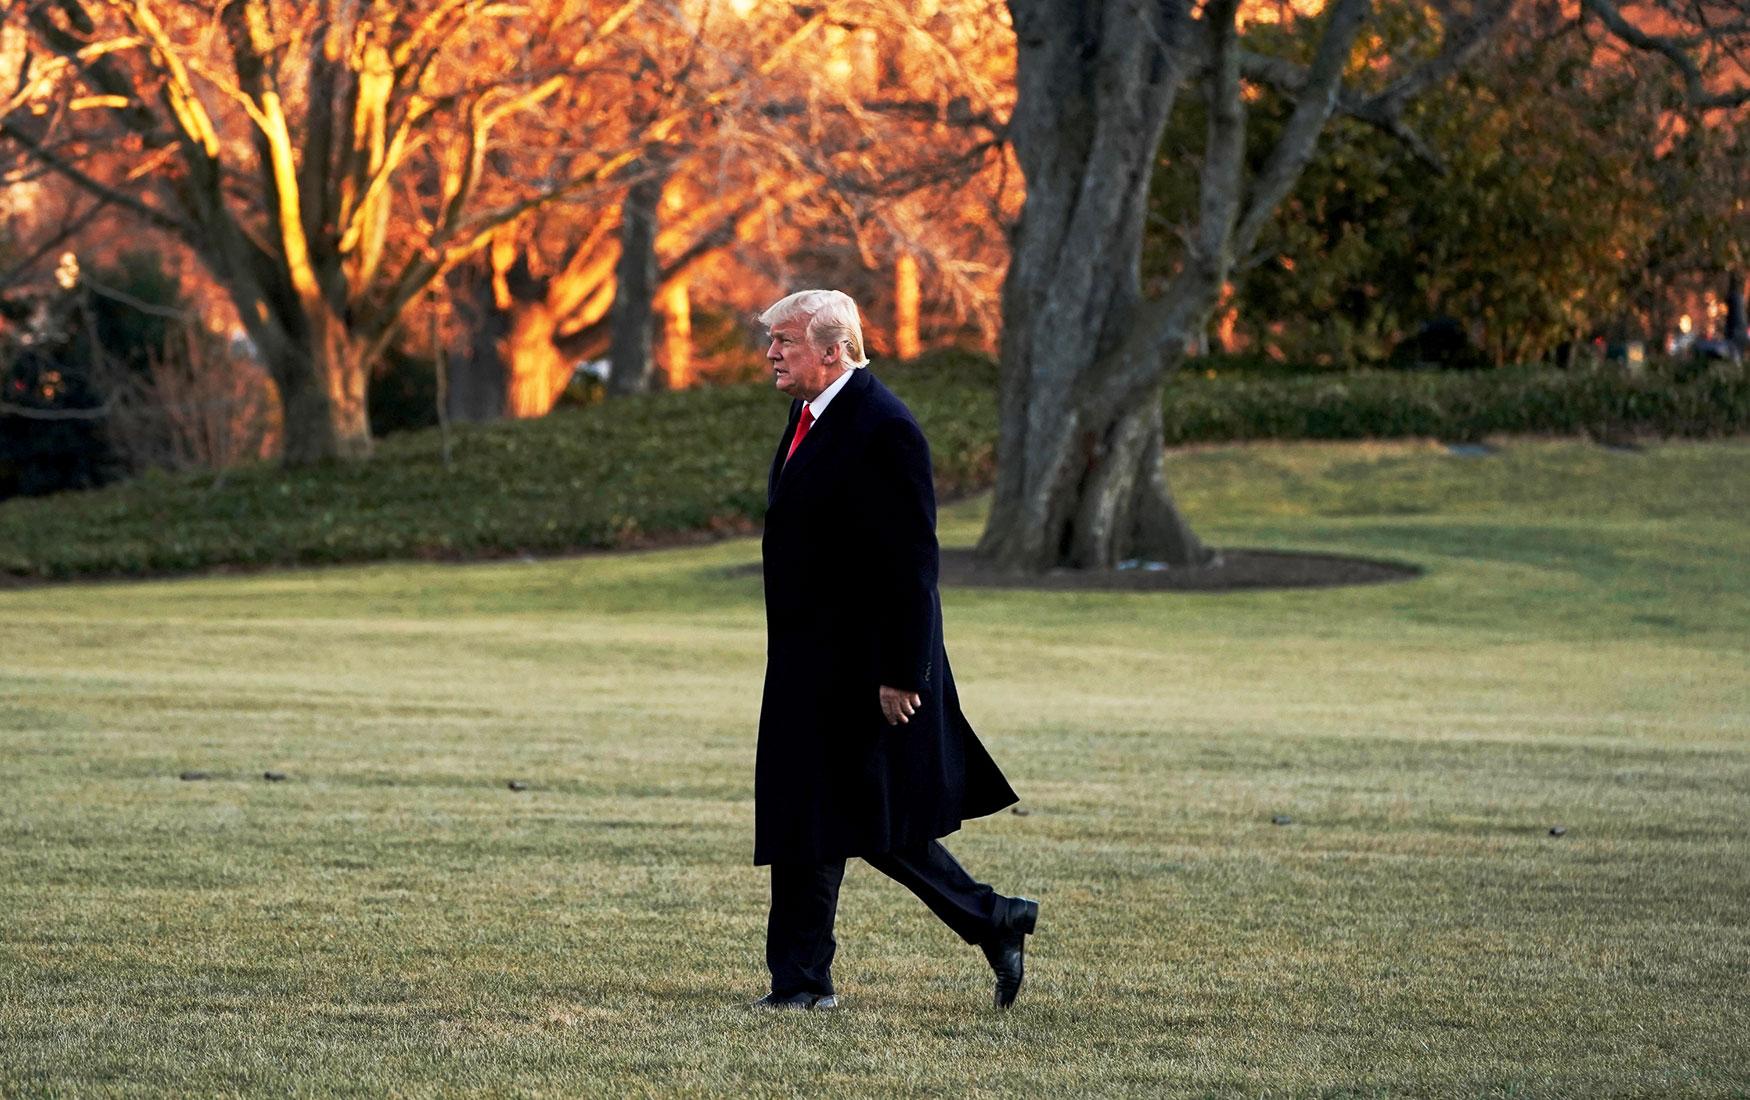 Война с Китаем: как введенные Трампом пошлины могут повредить экономике США